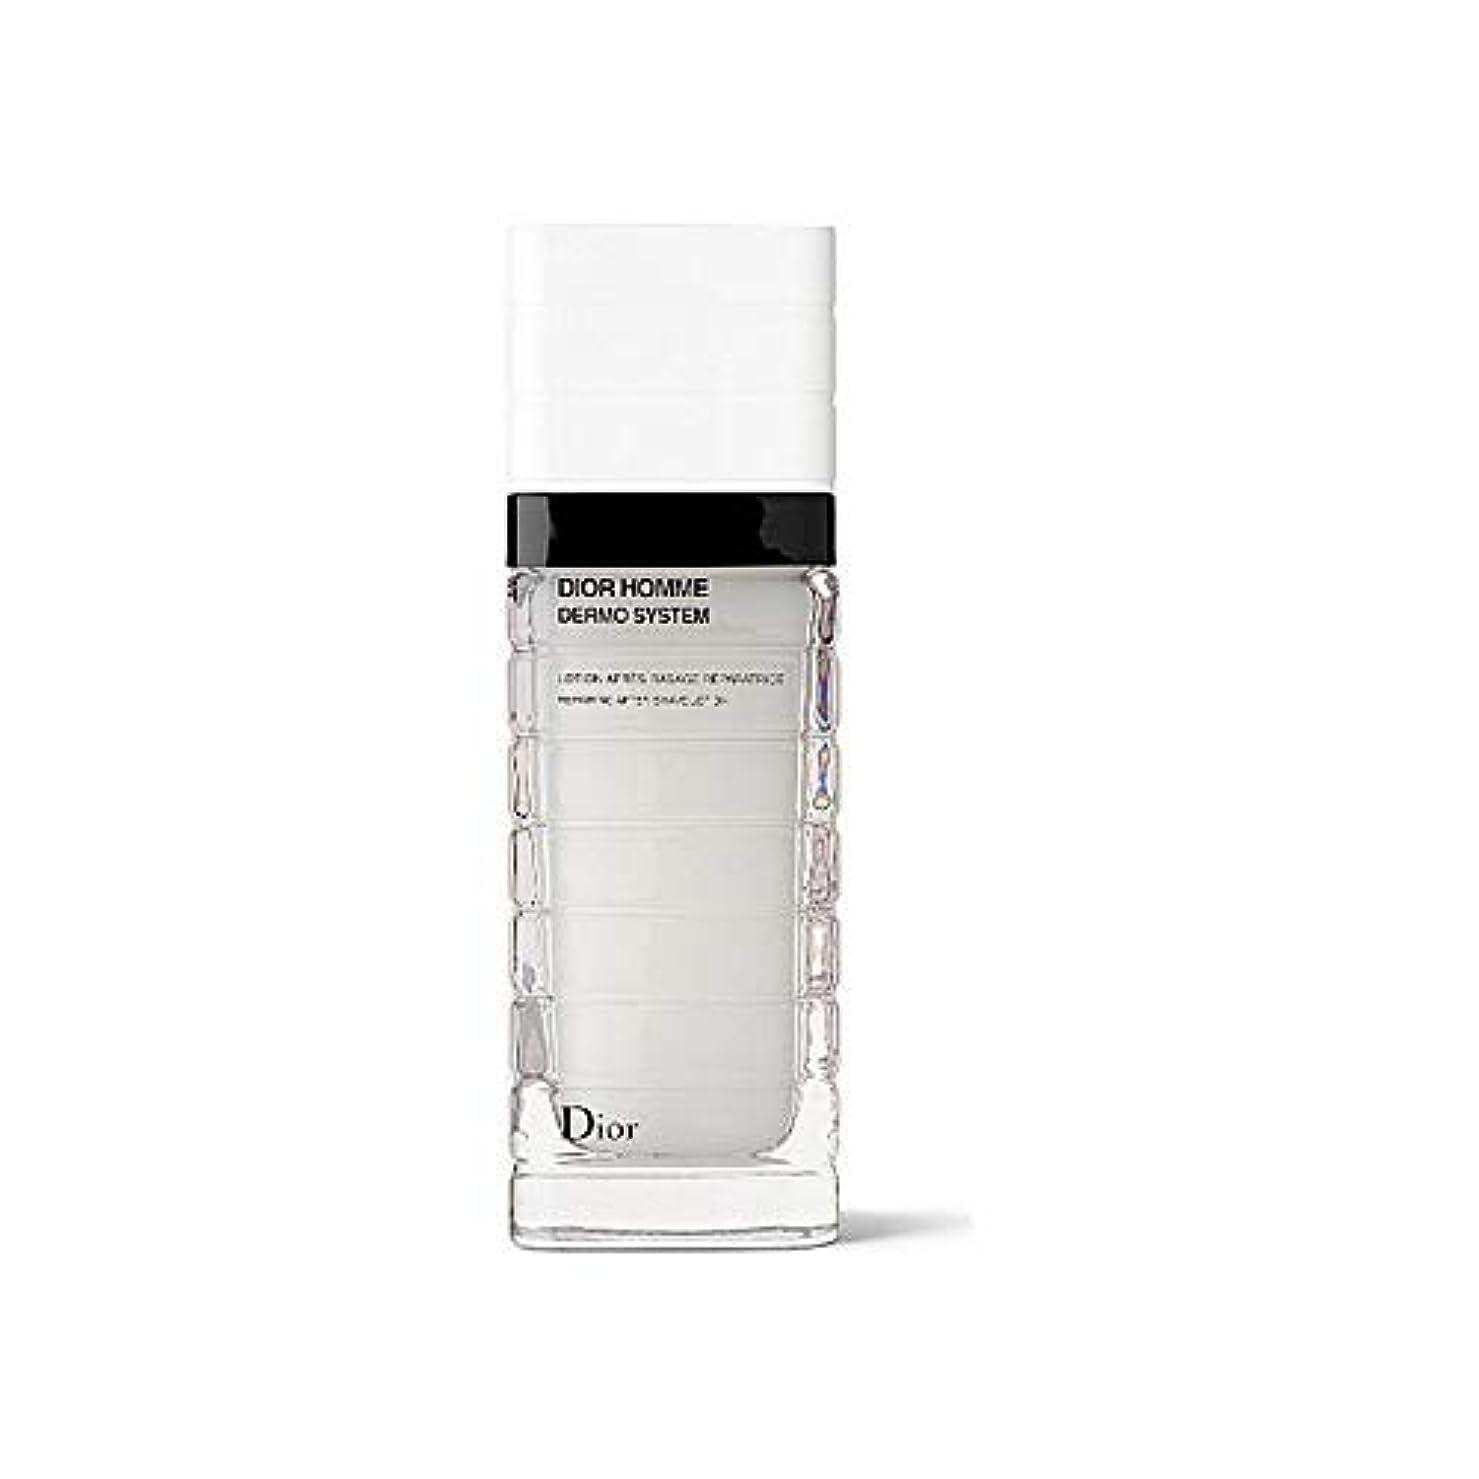 肌寒い呼吸見積り[Dior] ディオールの真皮システムなだめるようなローション100ミリリットル - Dior Dermo System Soothing Lotion 100ml [並行輸入品]